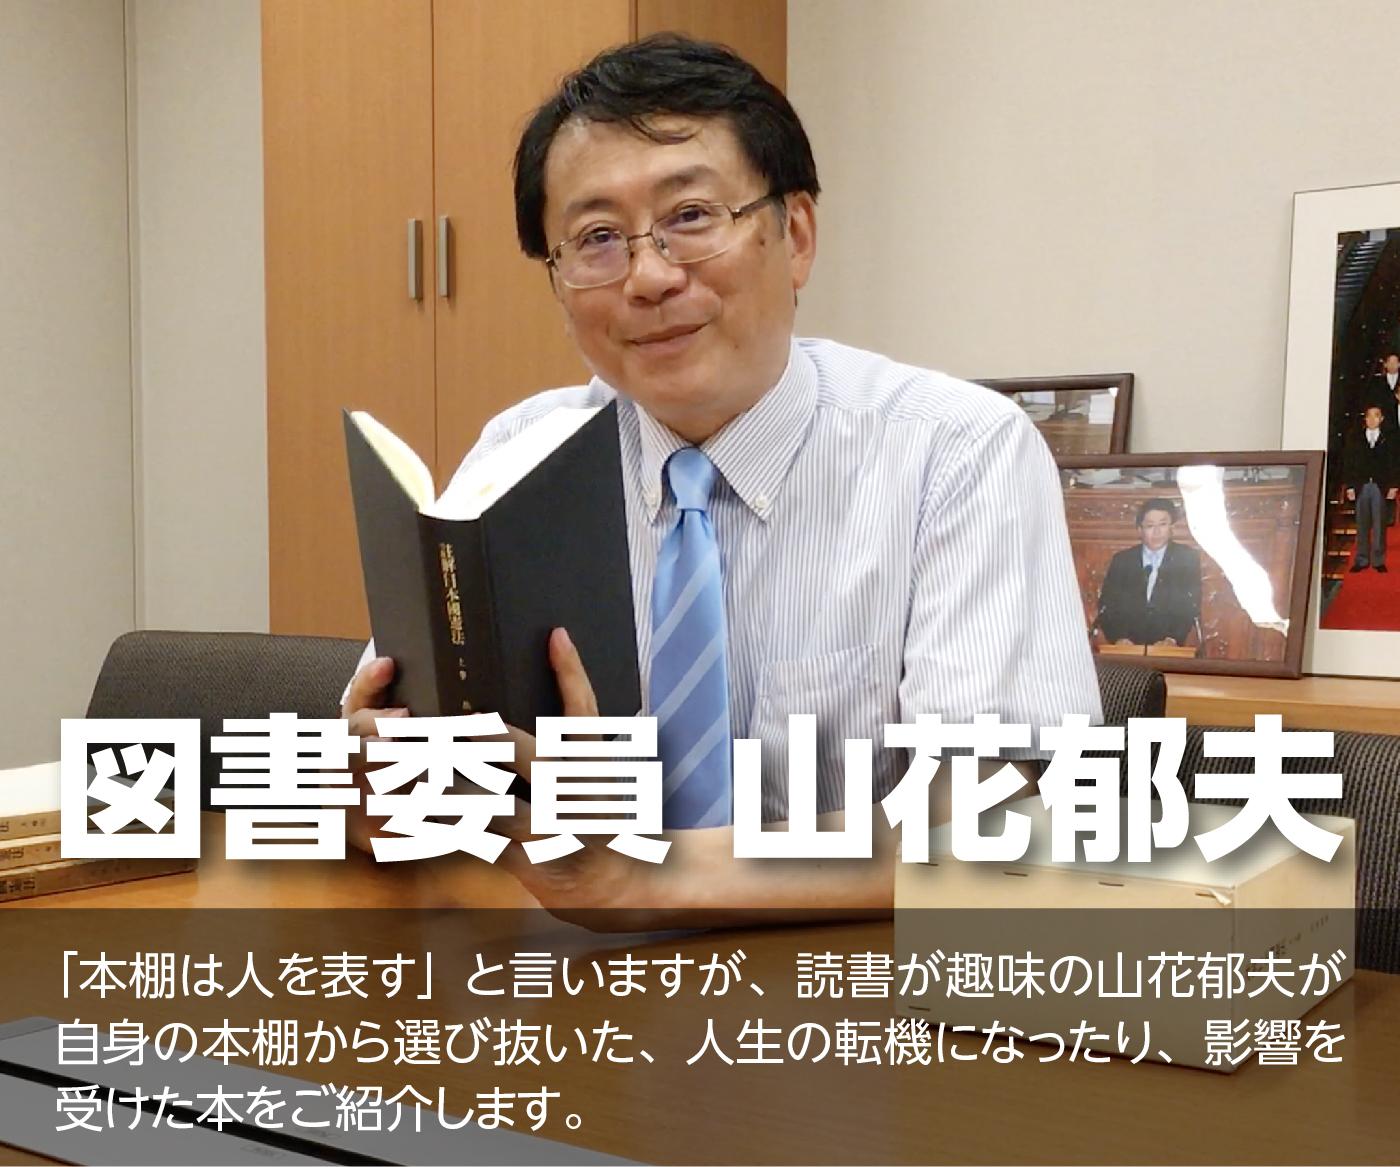 図書委員 山花郁夫